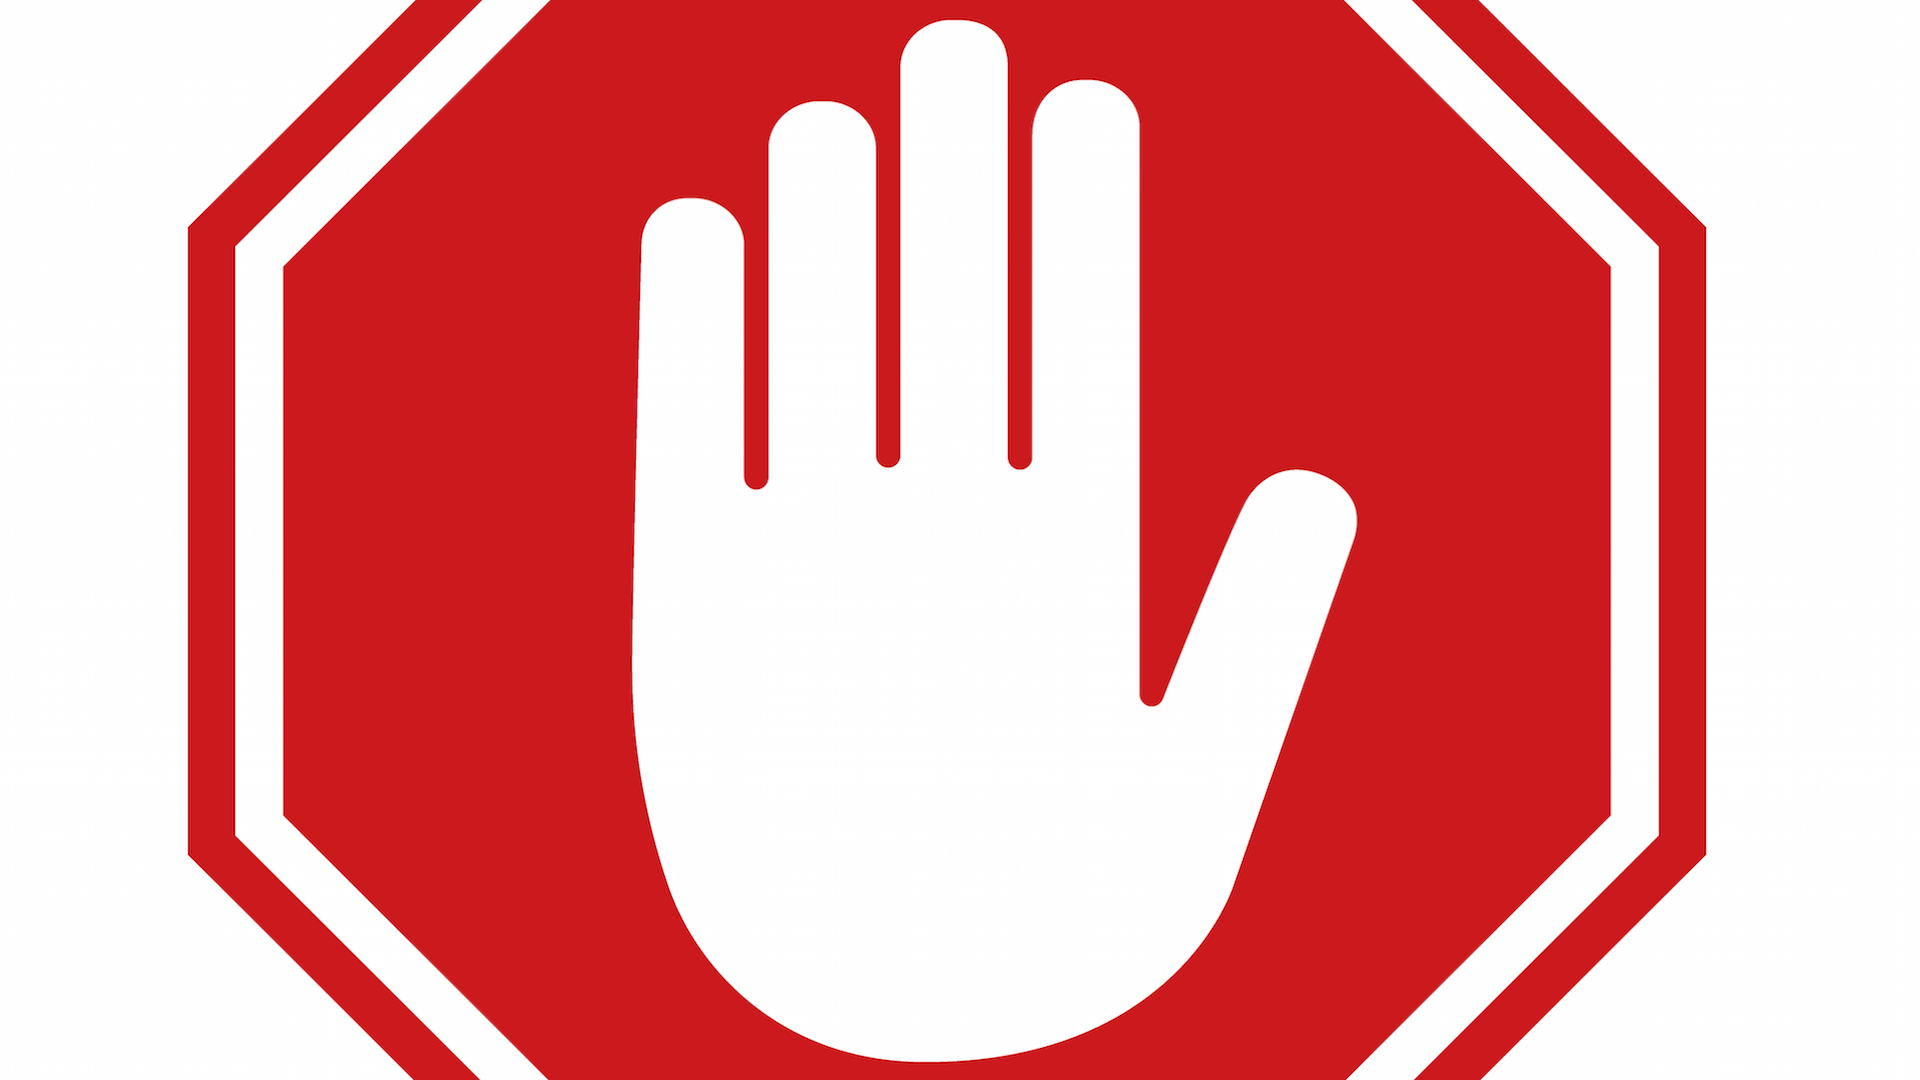 Logomarca do bloqueador de anúncios AdBlock